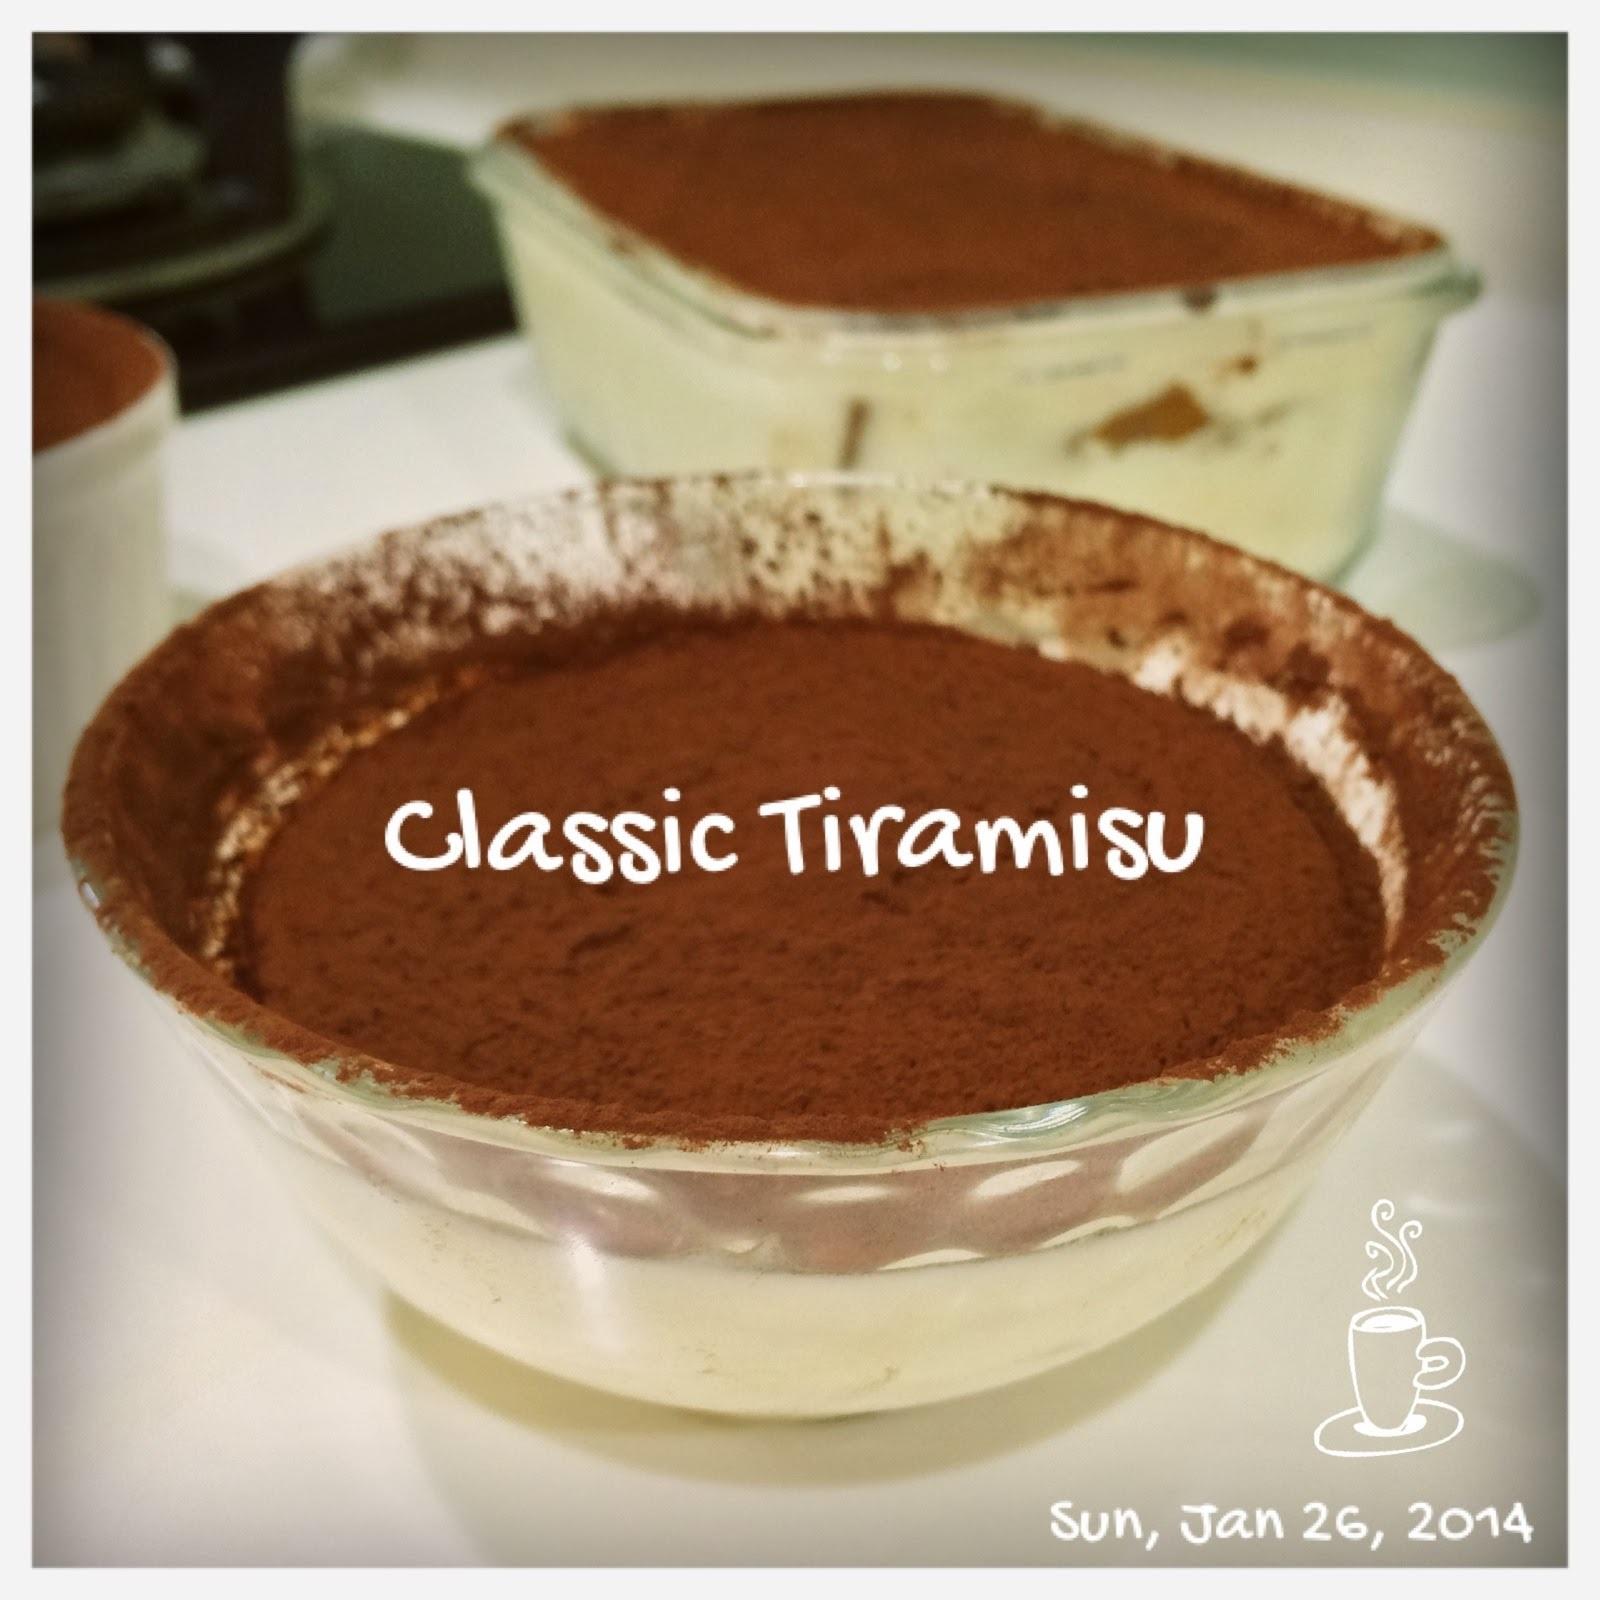 [食譜-蛋糕] 提拉米蘇 - 經典義式風味